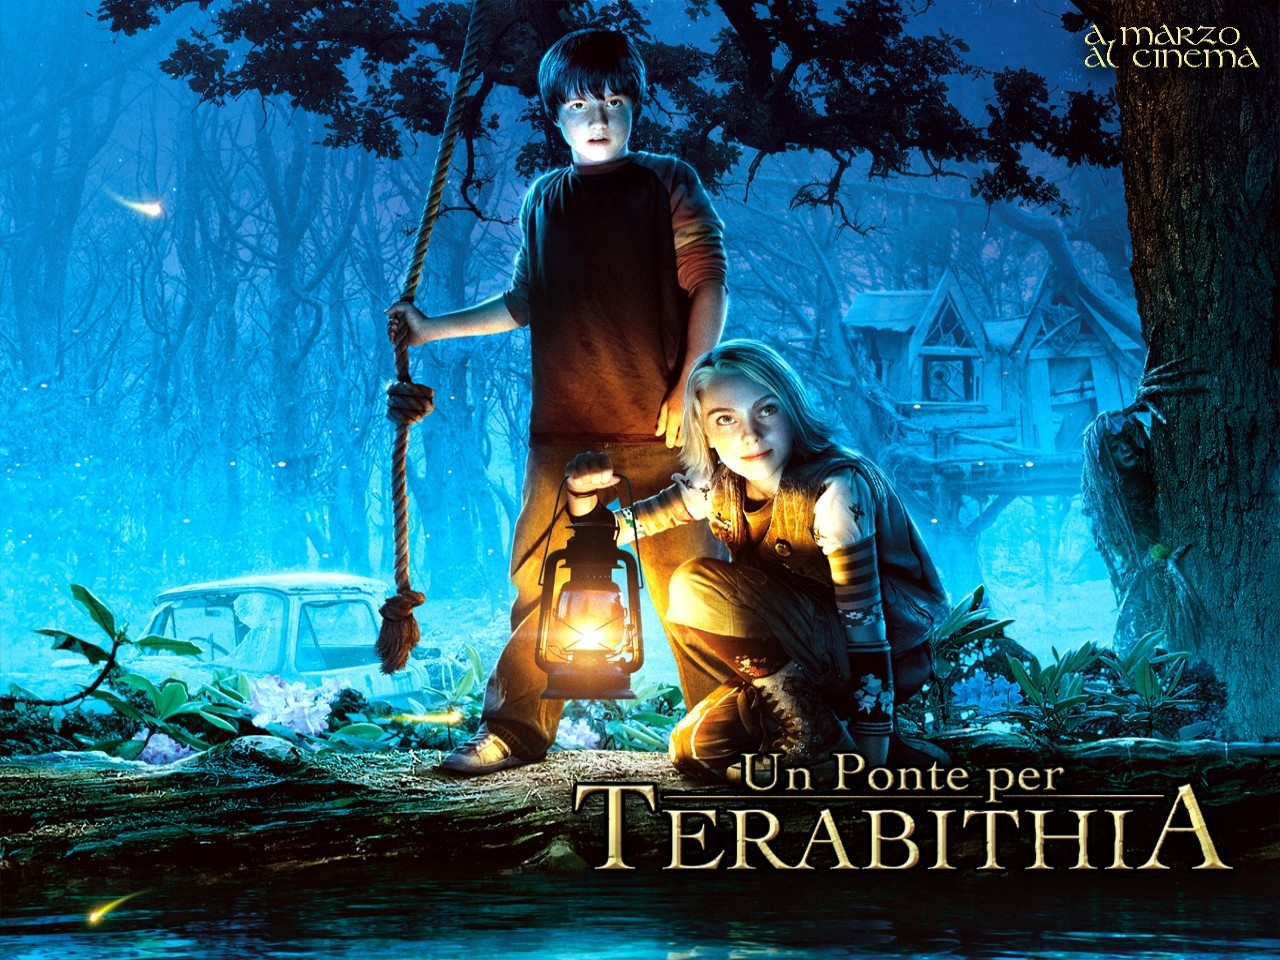 Wallpaper del film Un ponte per Terabithia